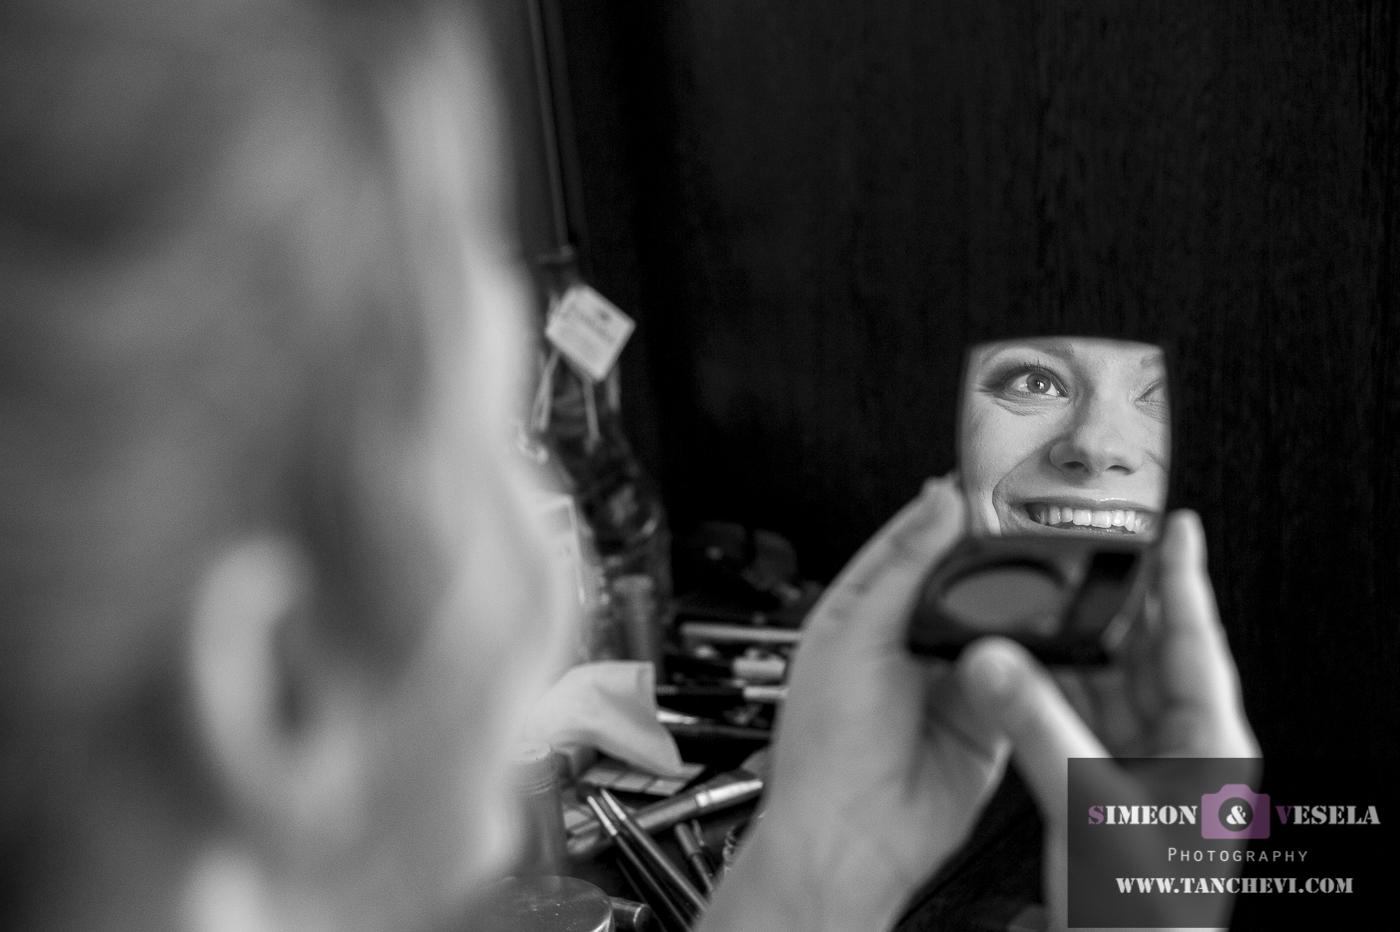 Избрани снимки от подготовката при сватбената фотография заснета от сватбен фтограф в Пловдив, София, Бургас, Варна 37